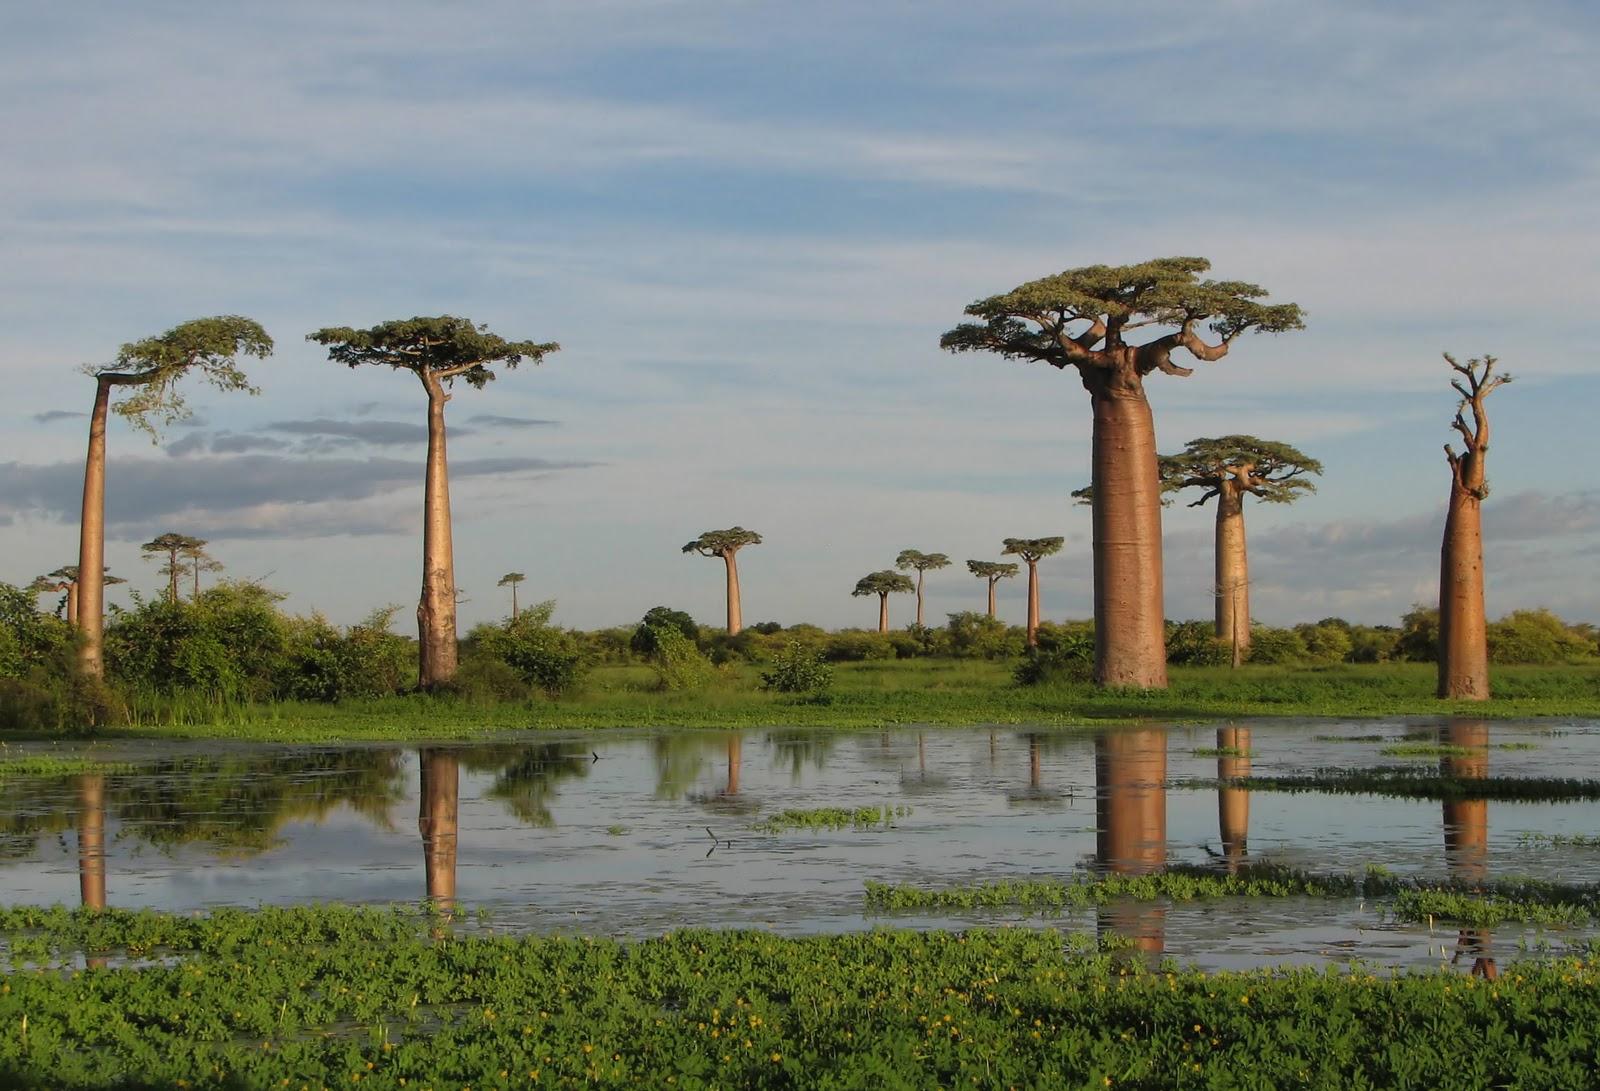 أشجار باوباب baobab جذورها في السماء